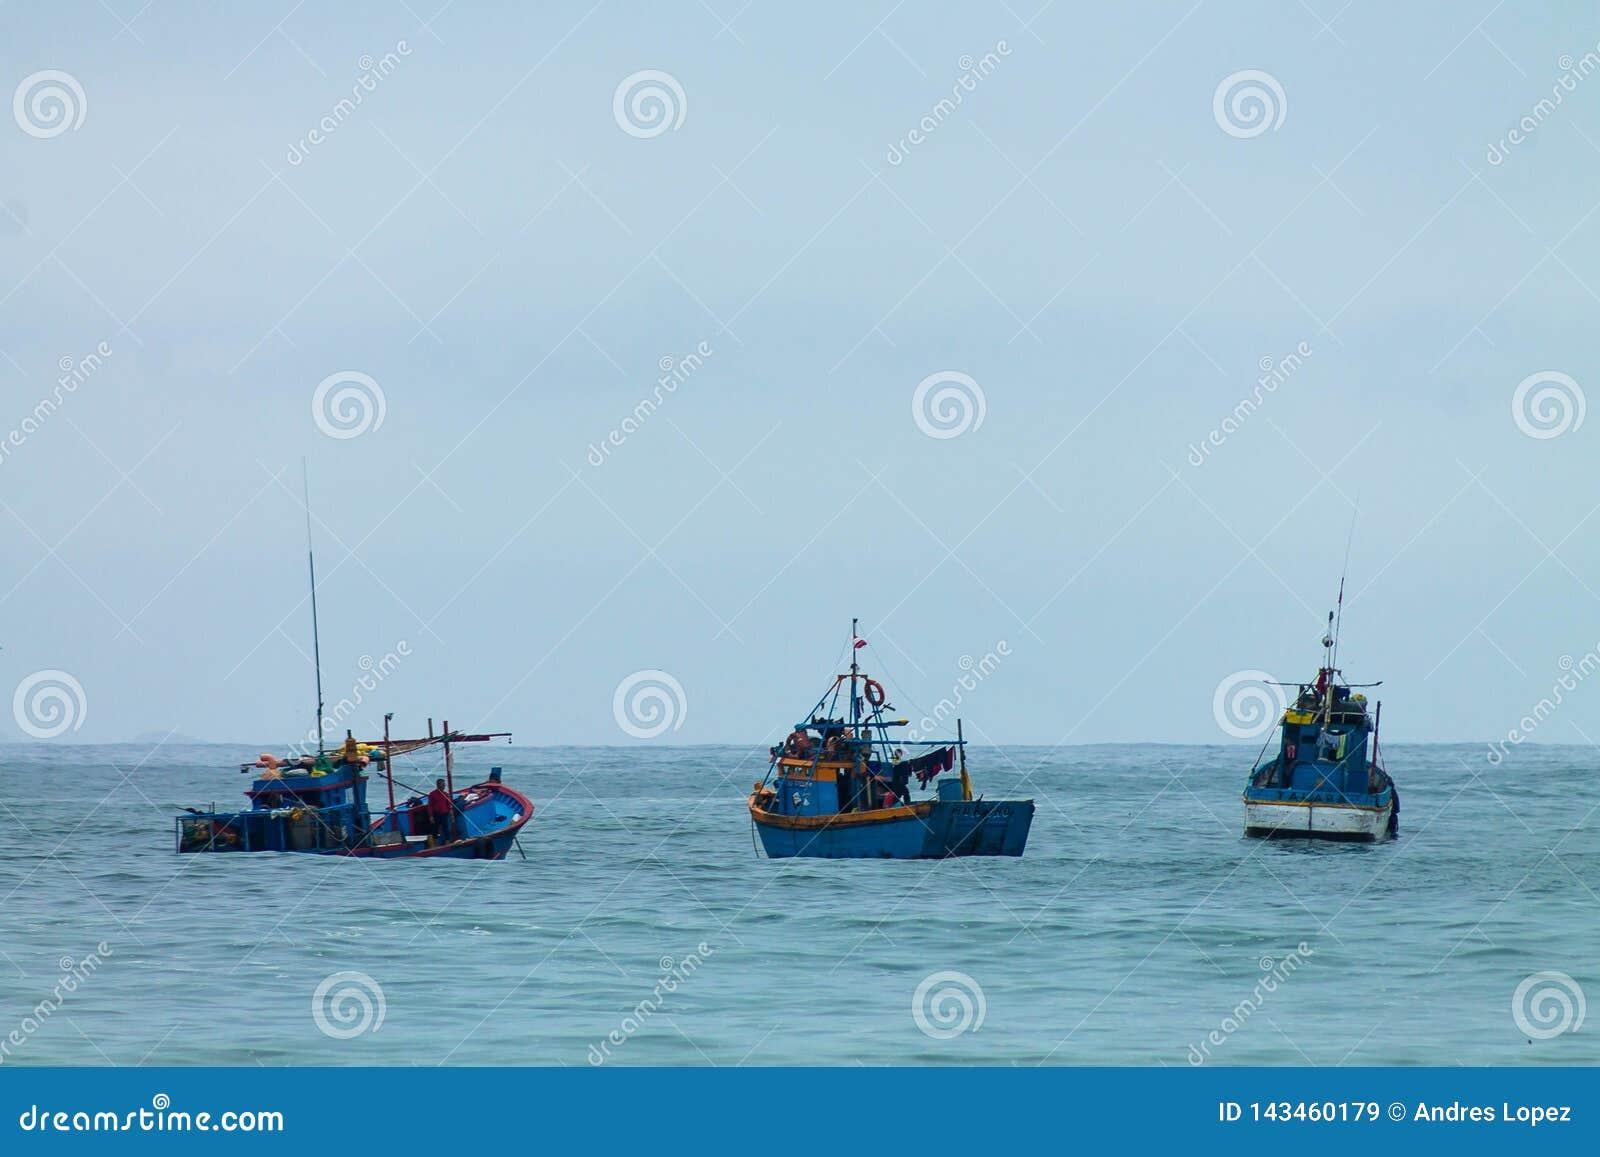 Das Leben im Meer